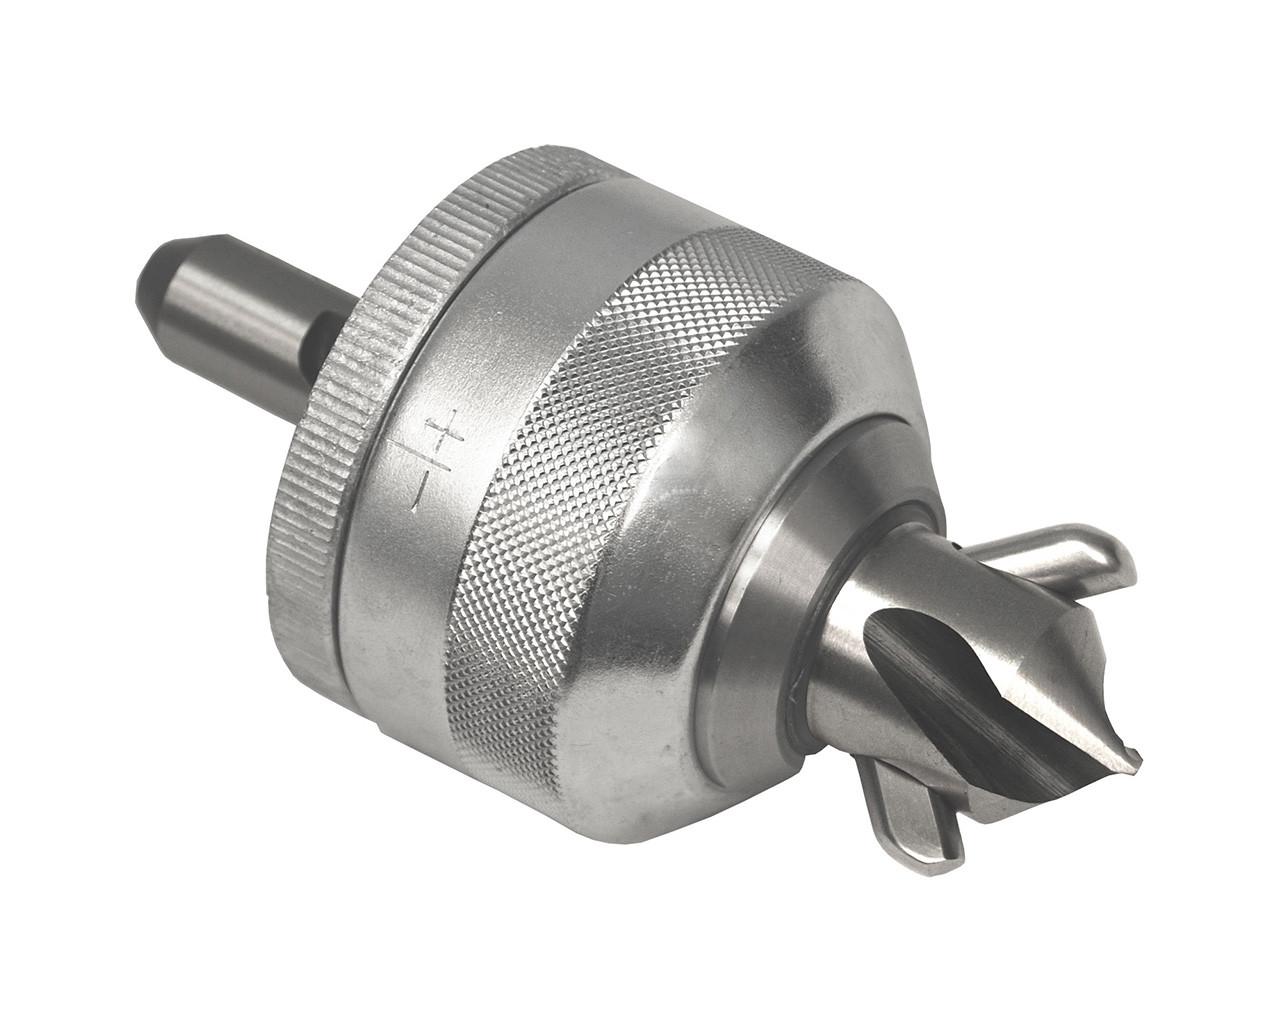 T-Drill Головка для вытяжки на медных трубах горловин диаметром 14 мм